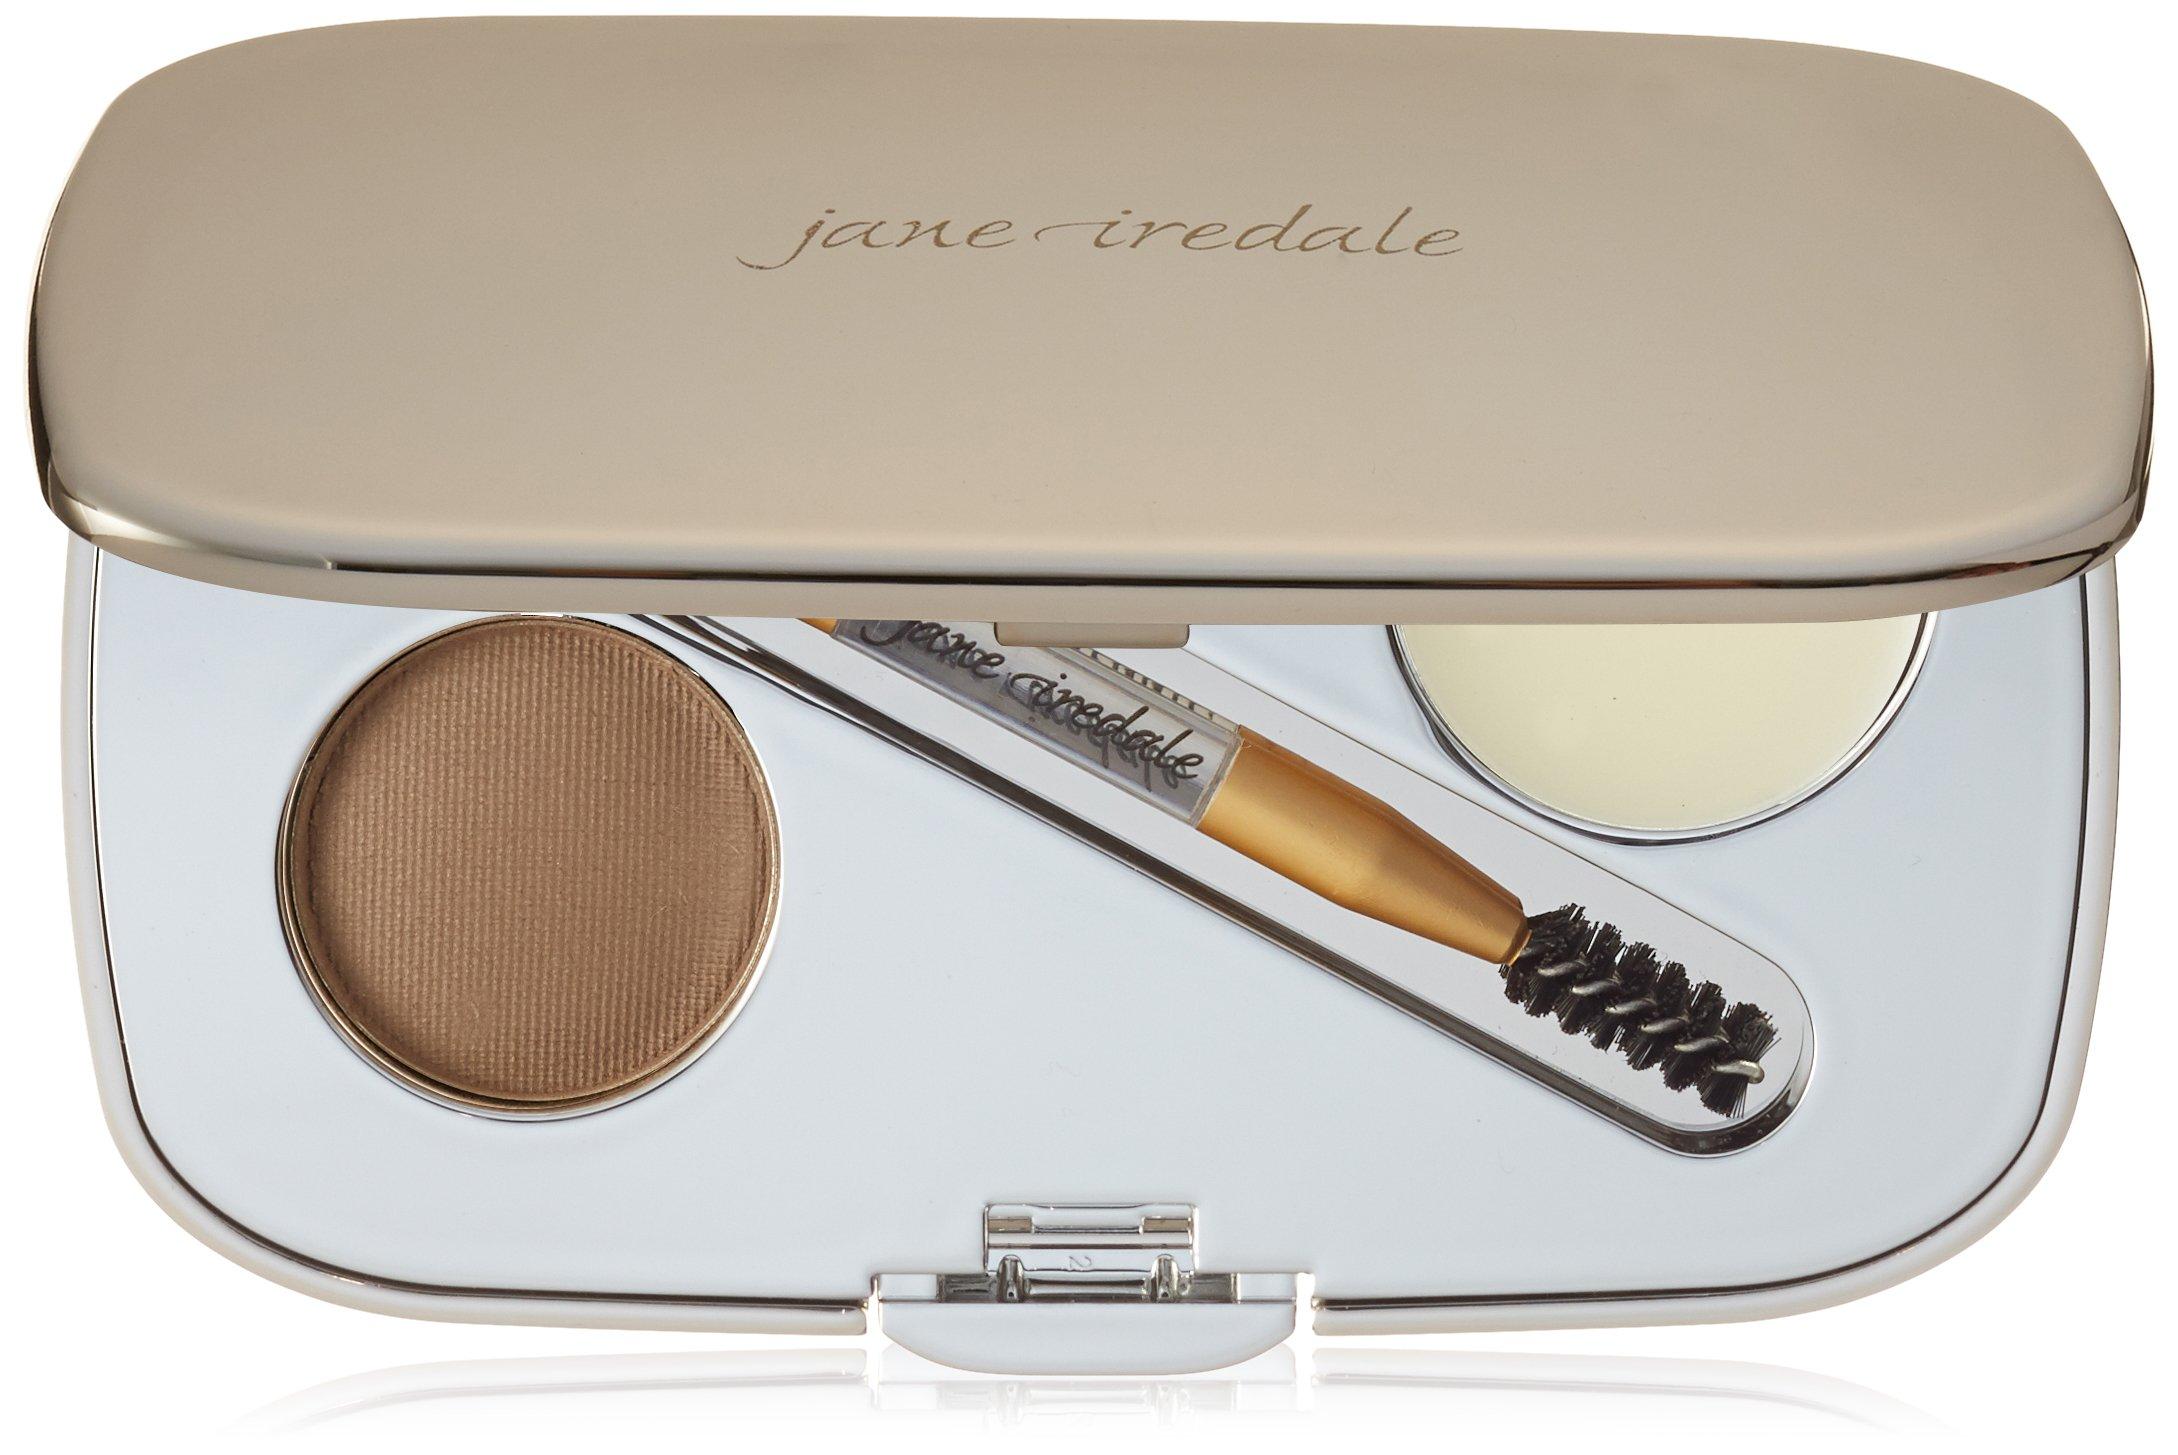 Jane Iredale - GreatShape Eyebrow Kit